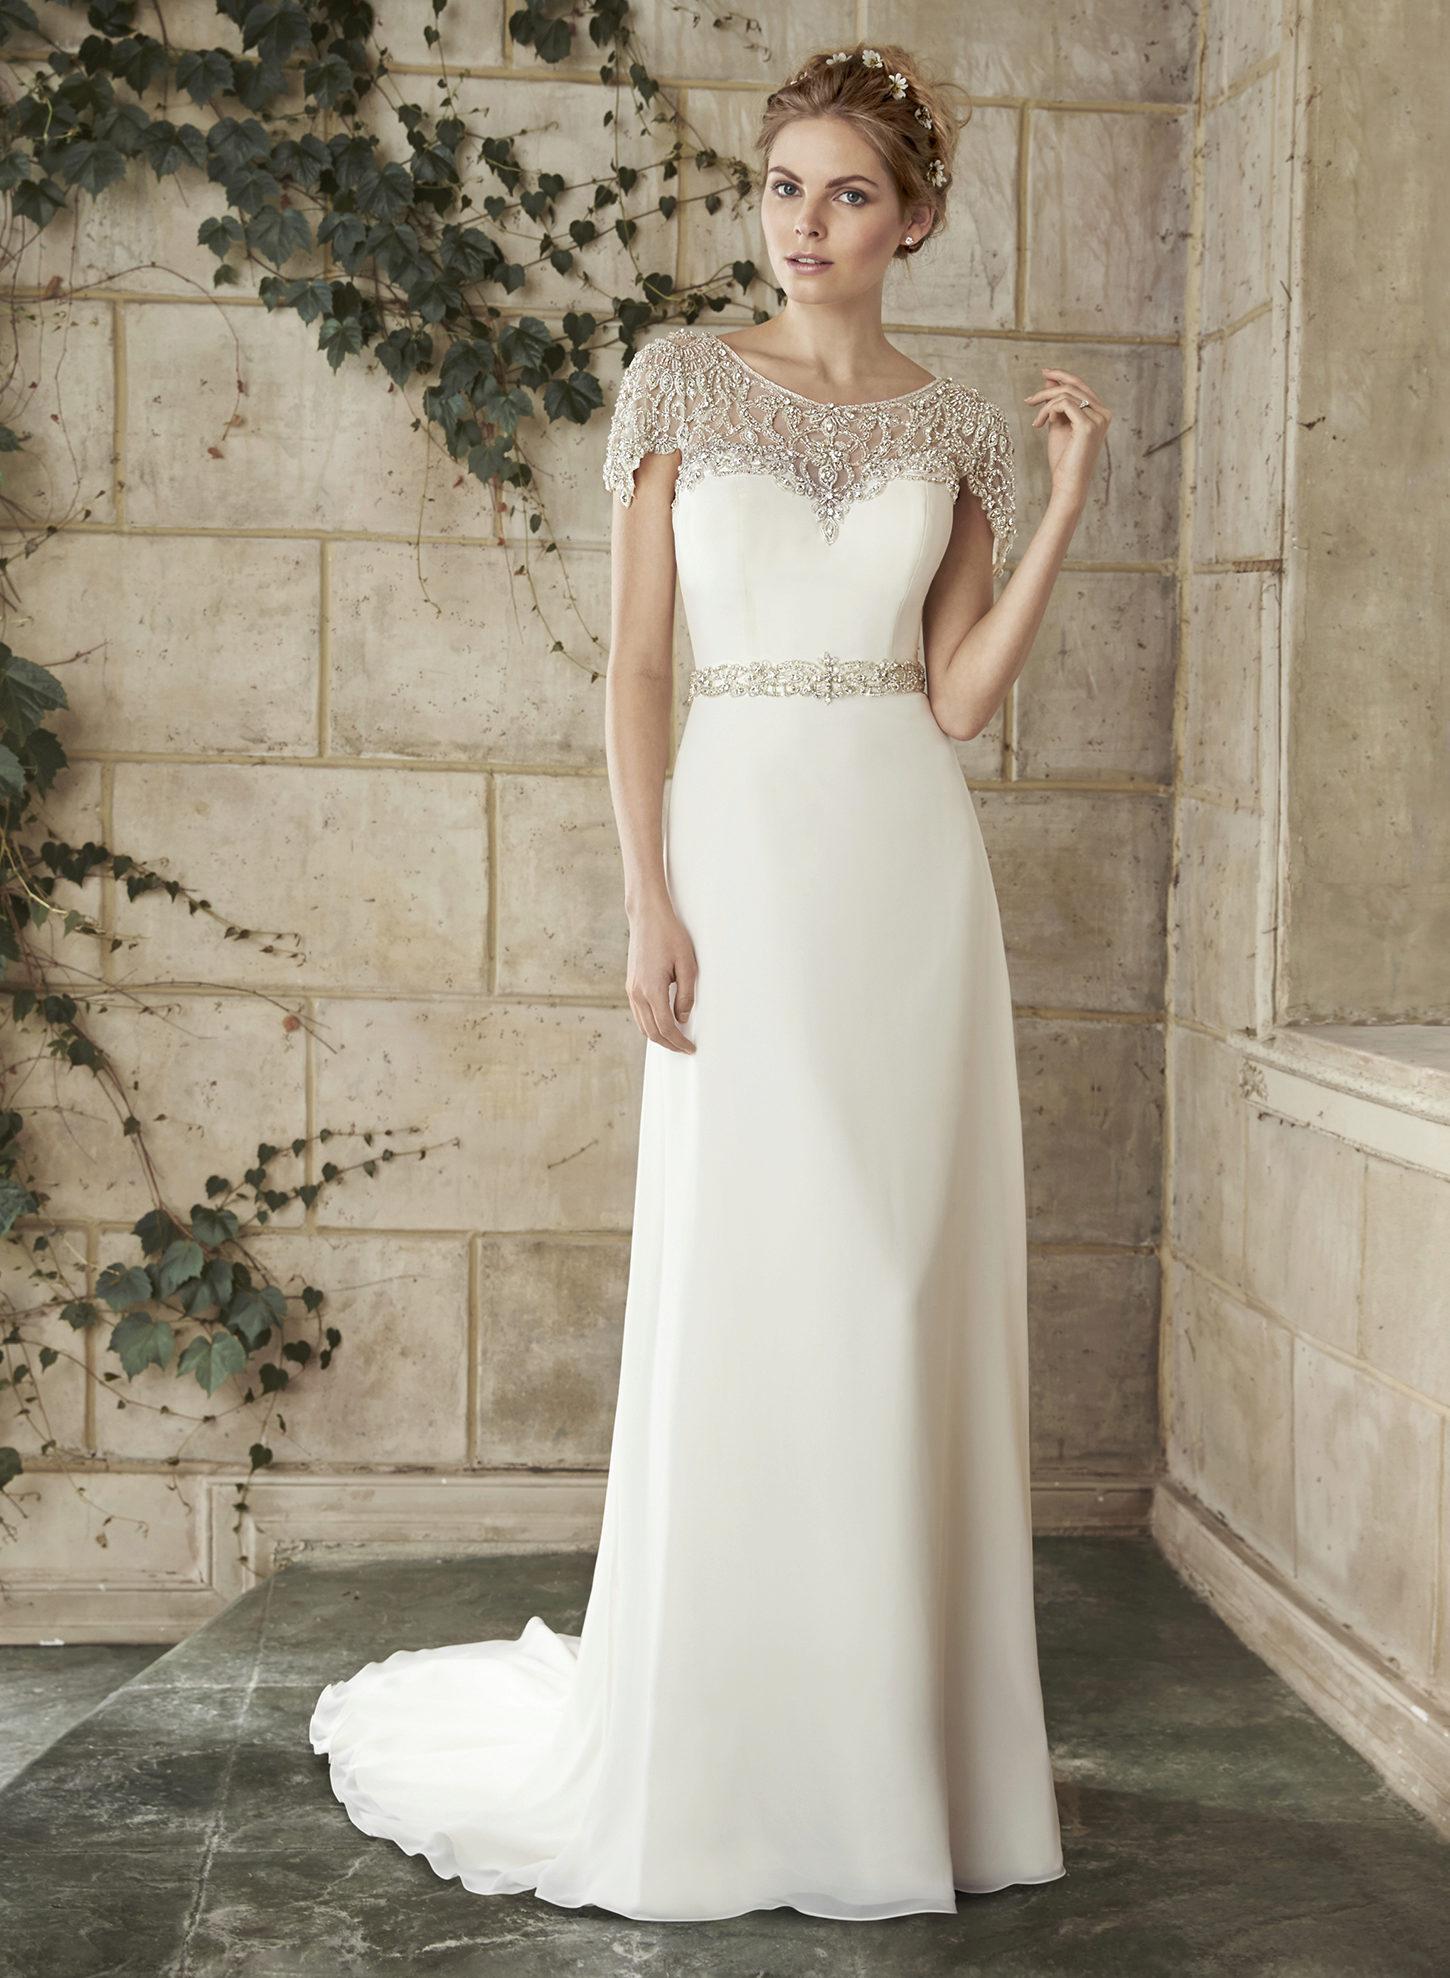 Белое платье на вторую свадьбу